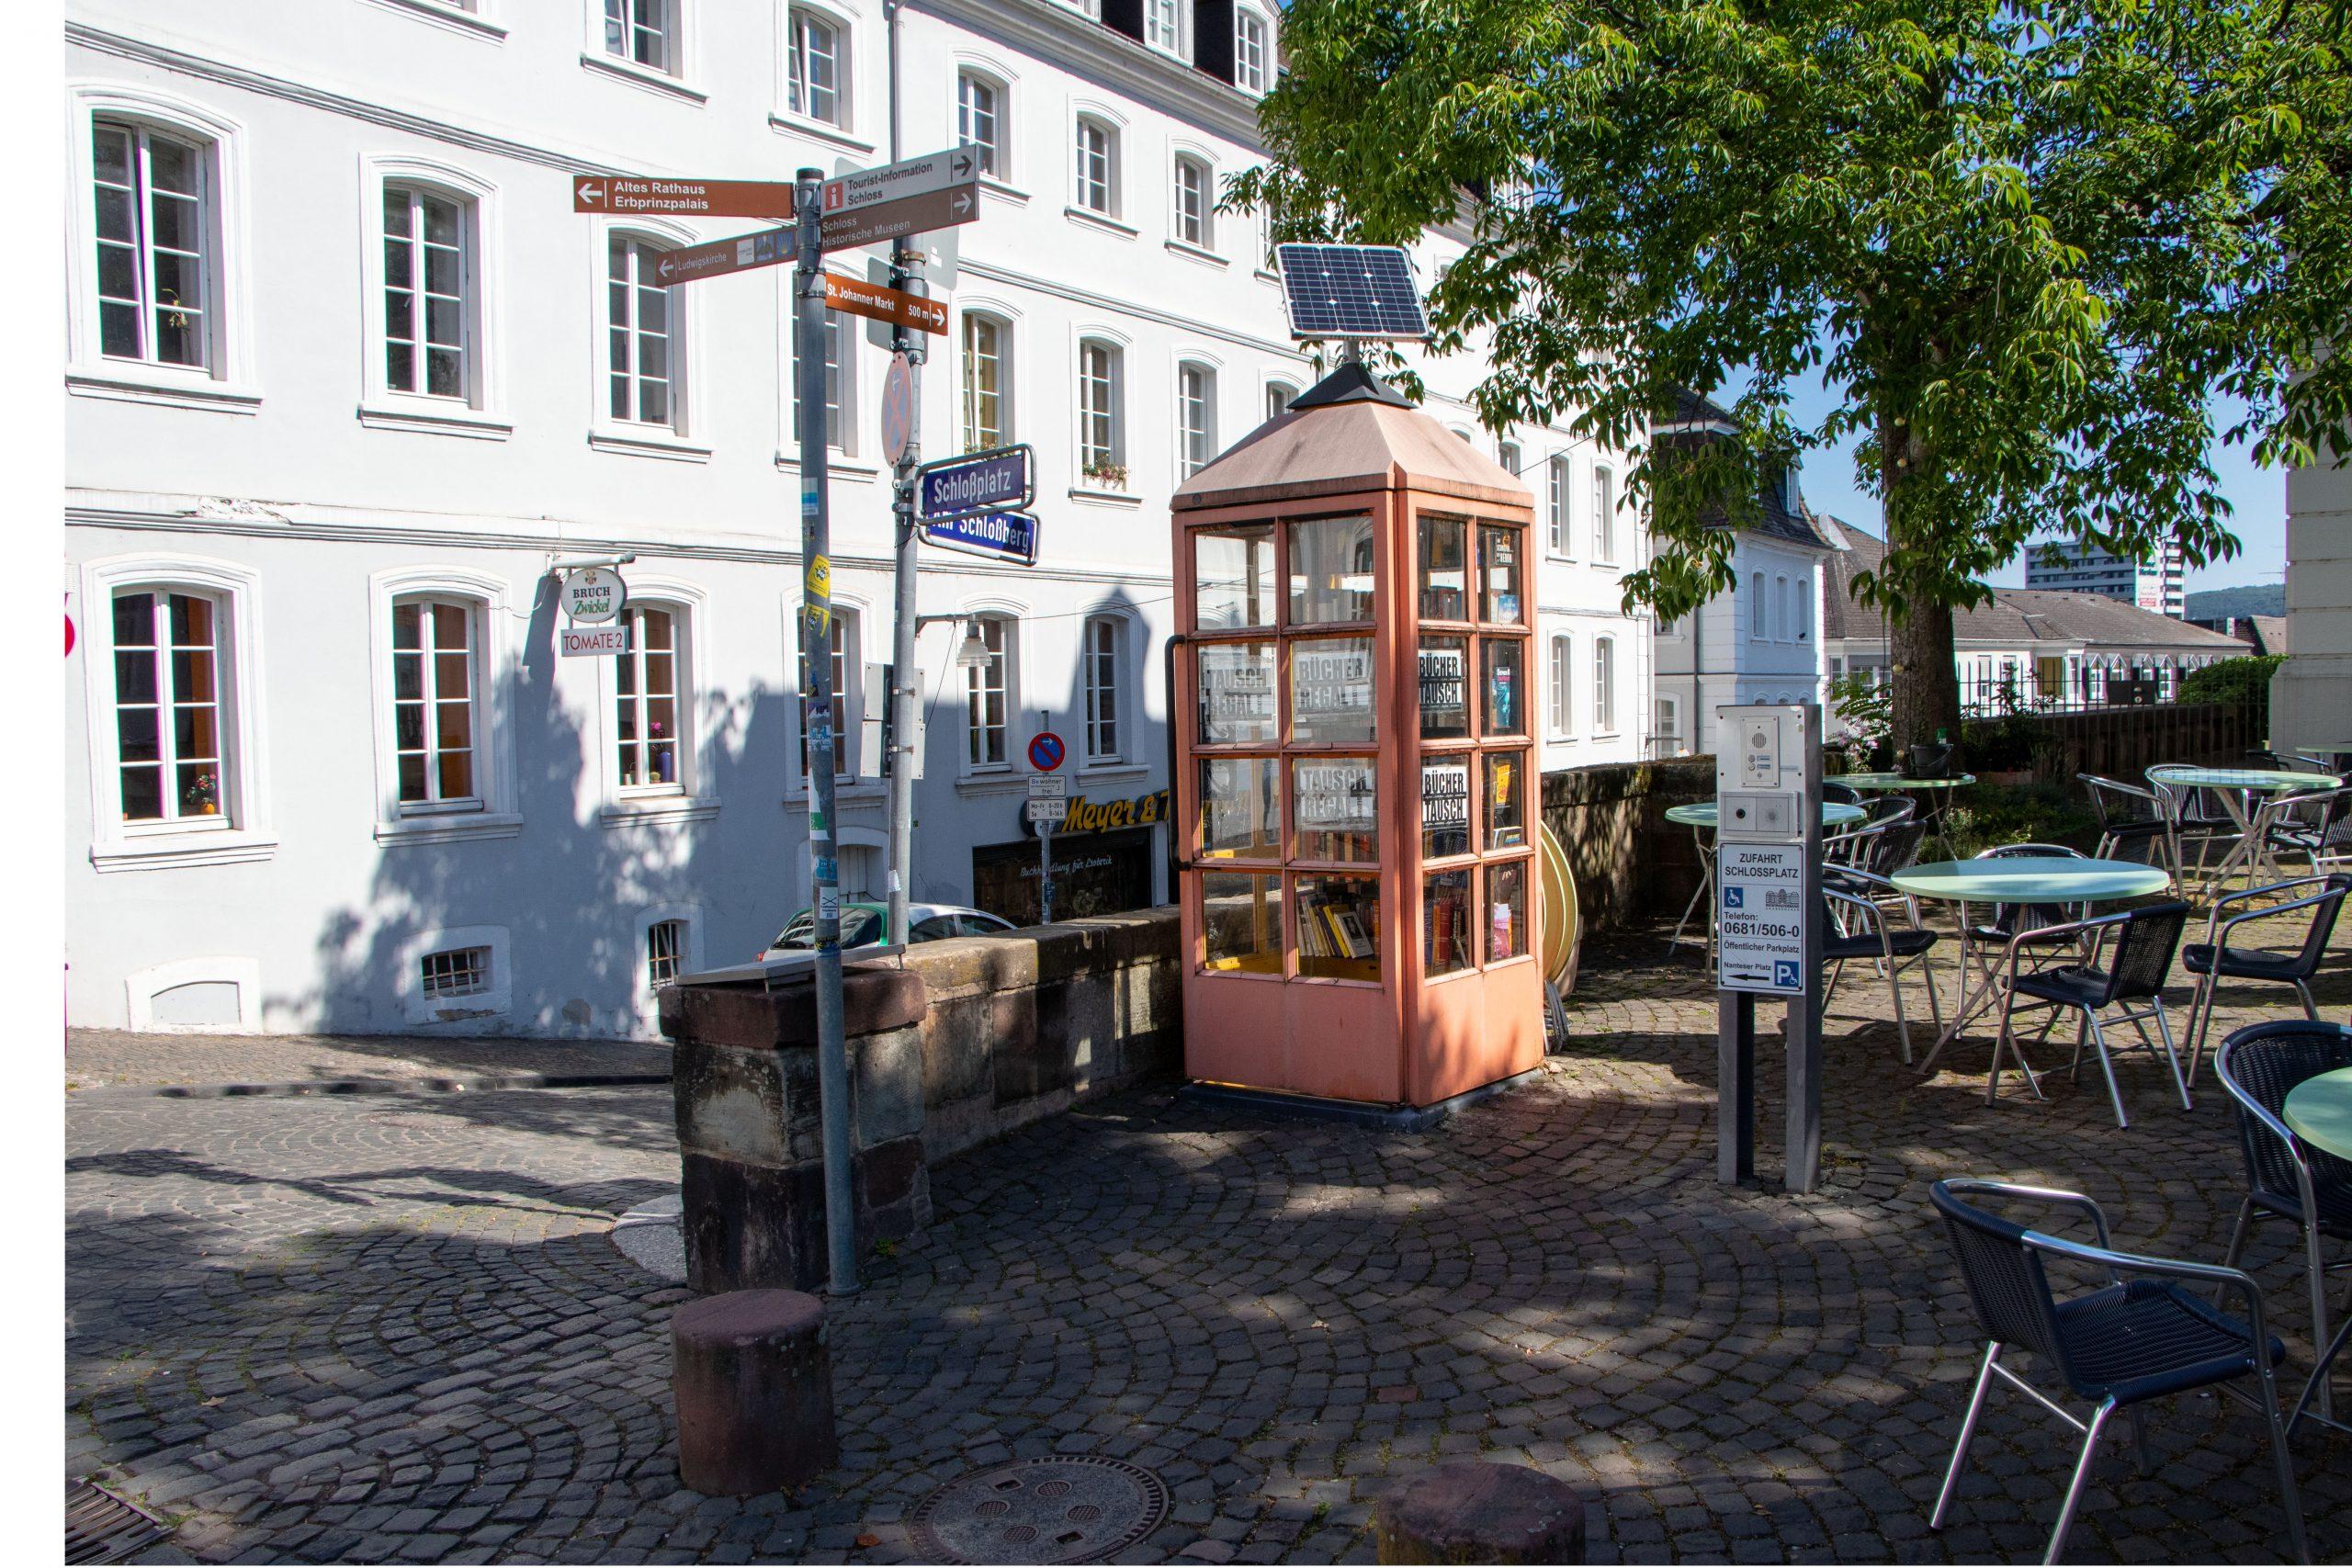 Bücherzelle am Schloßplatz in Saarbrücken